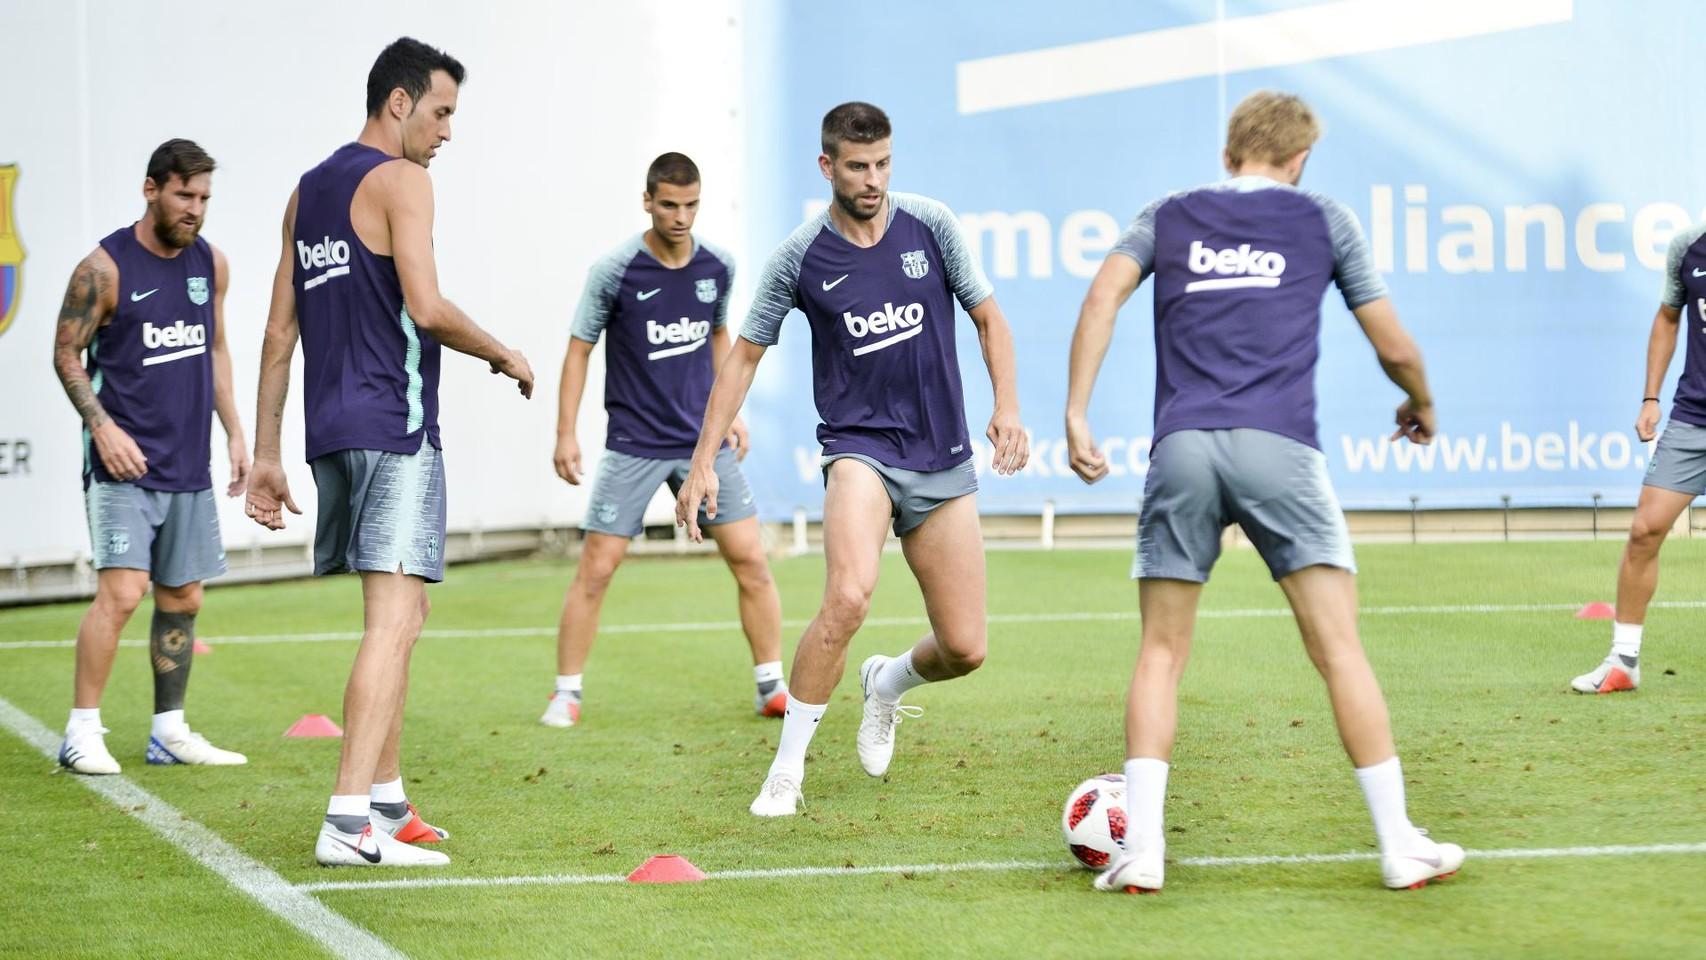 تدريب مشترك مع برشلونة ب ، ميسي ، بيكي ، جوردي ألبا ، سيرجيو ، سامبر  95313893